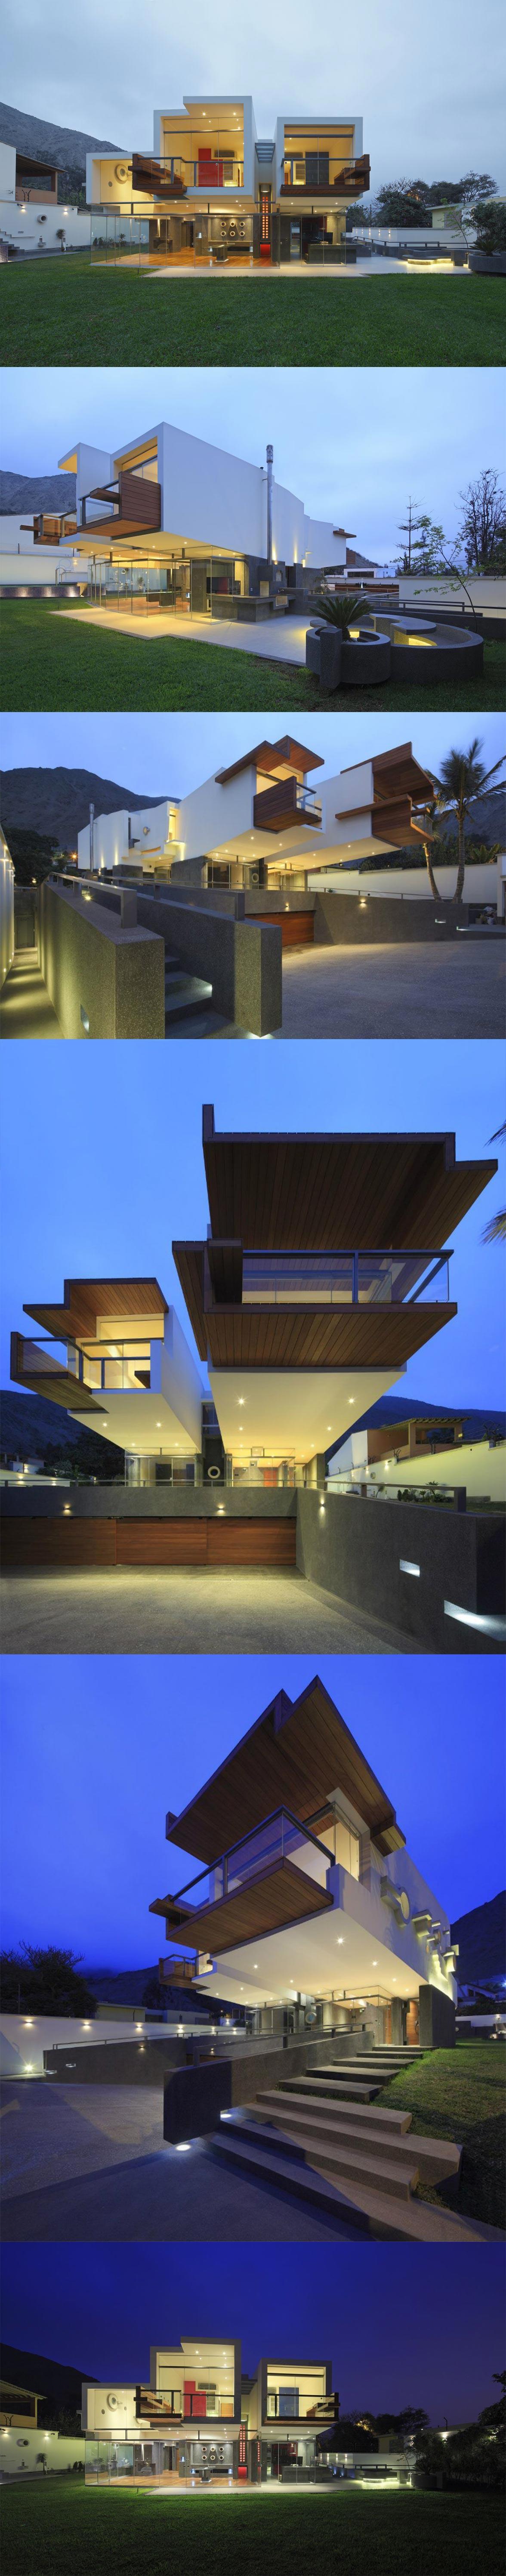 komplex építészeti